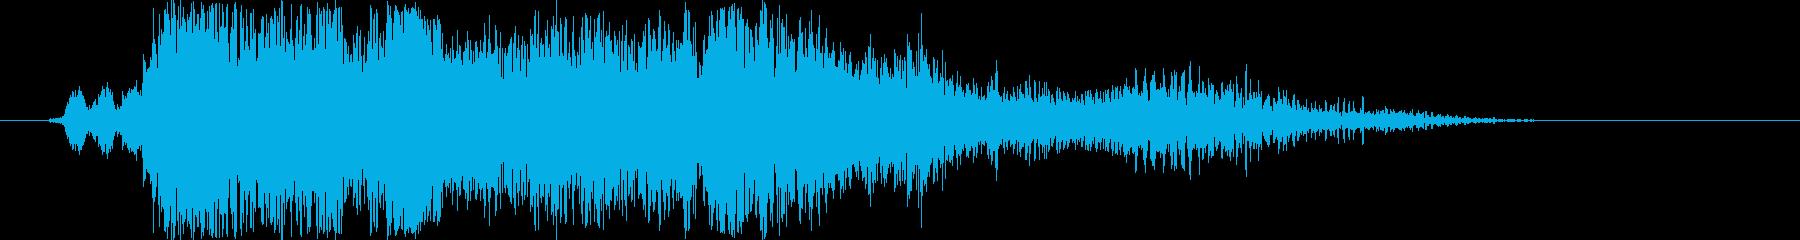 SCI FI 戦利品ミディアム01...の再生済みの波形